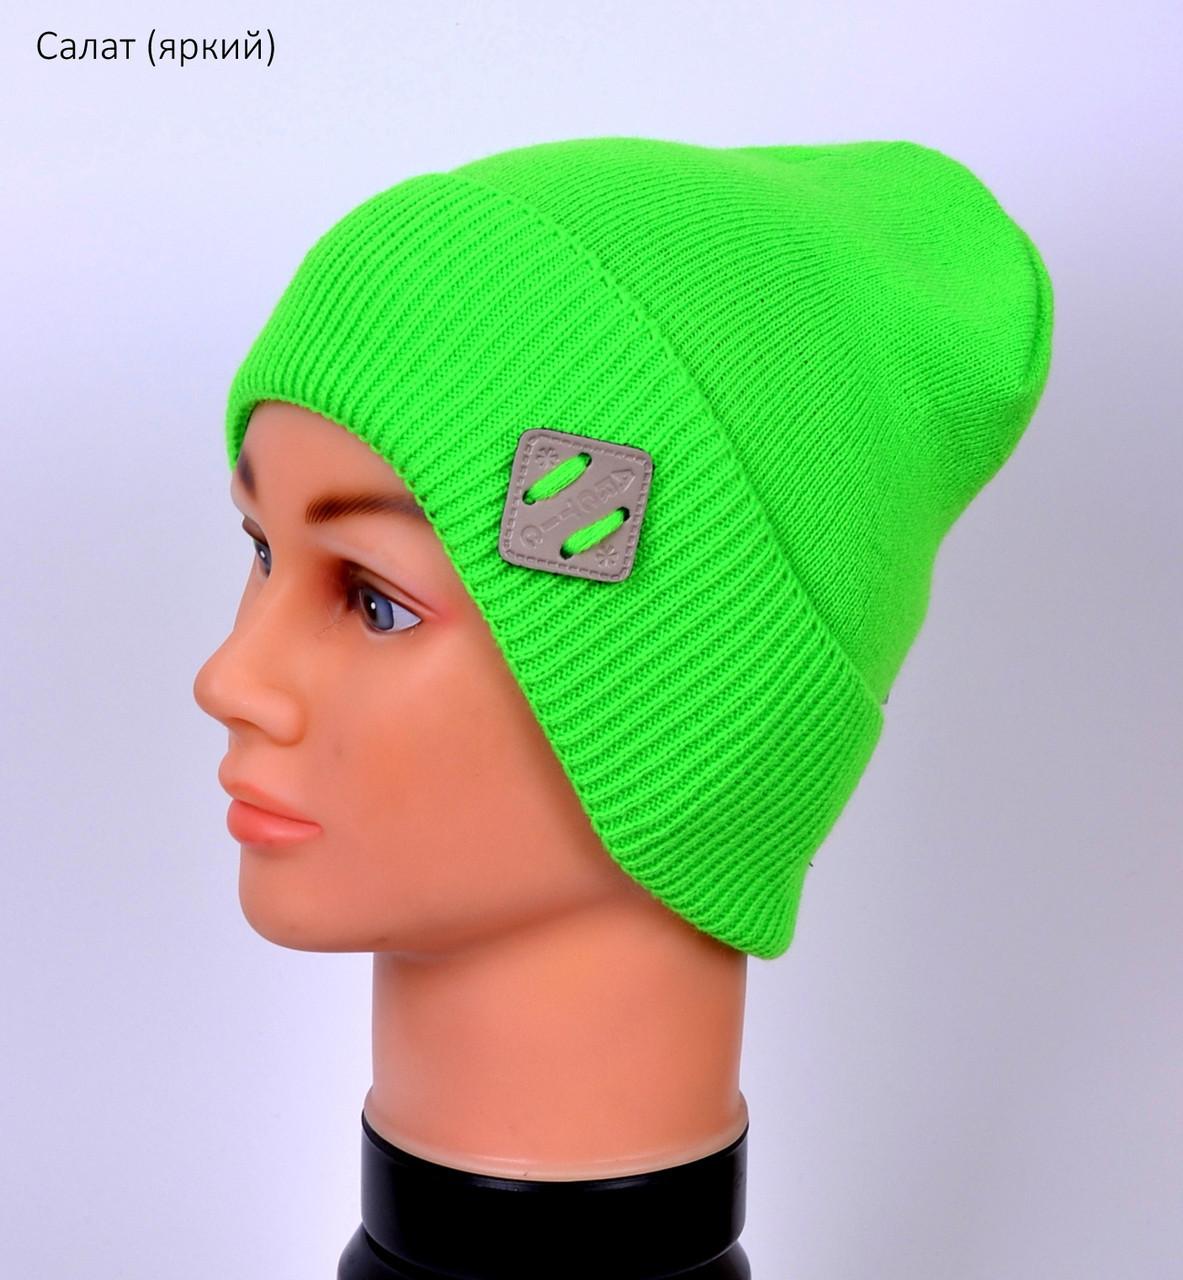 Модная детская шапка для мальчиков и девочек